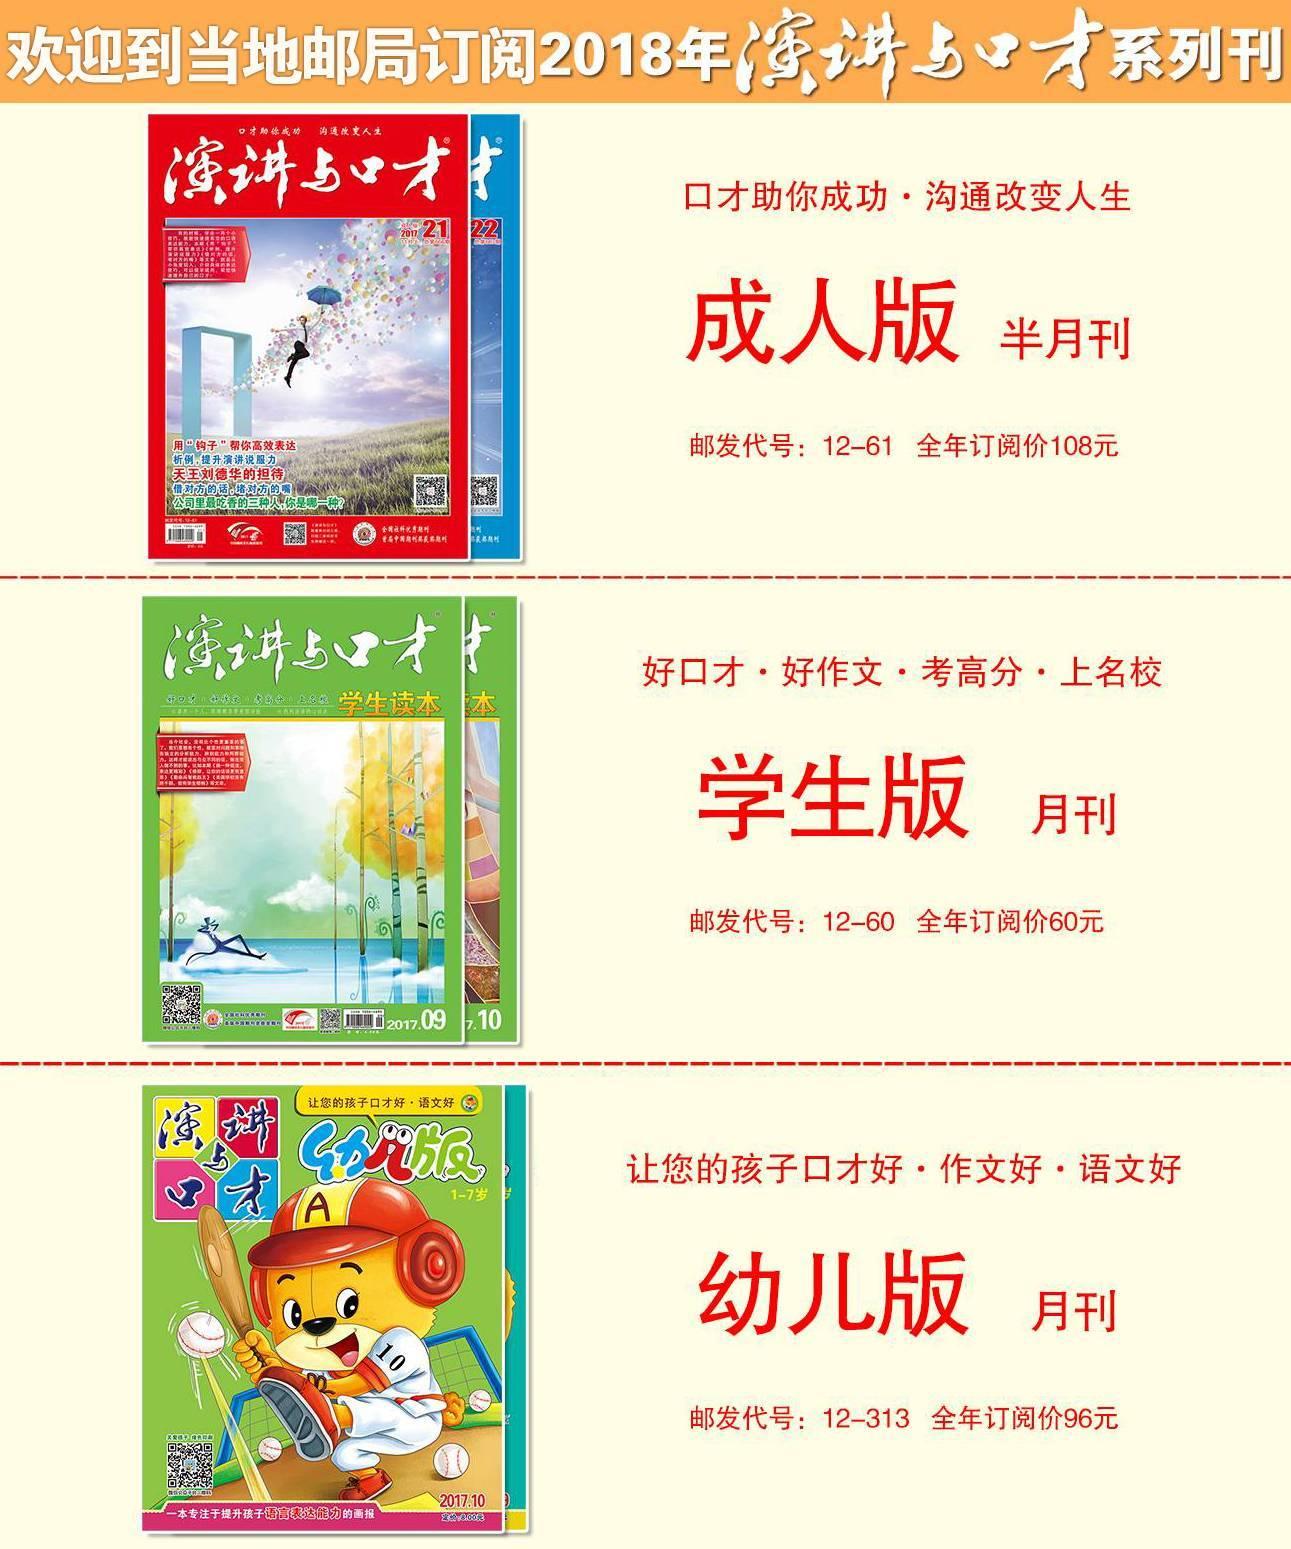 重庆市委宣传部长到中央人民广播电台重庆记者站调研